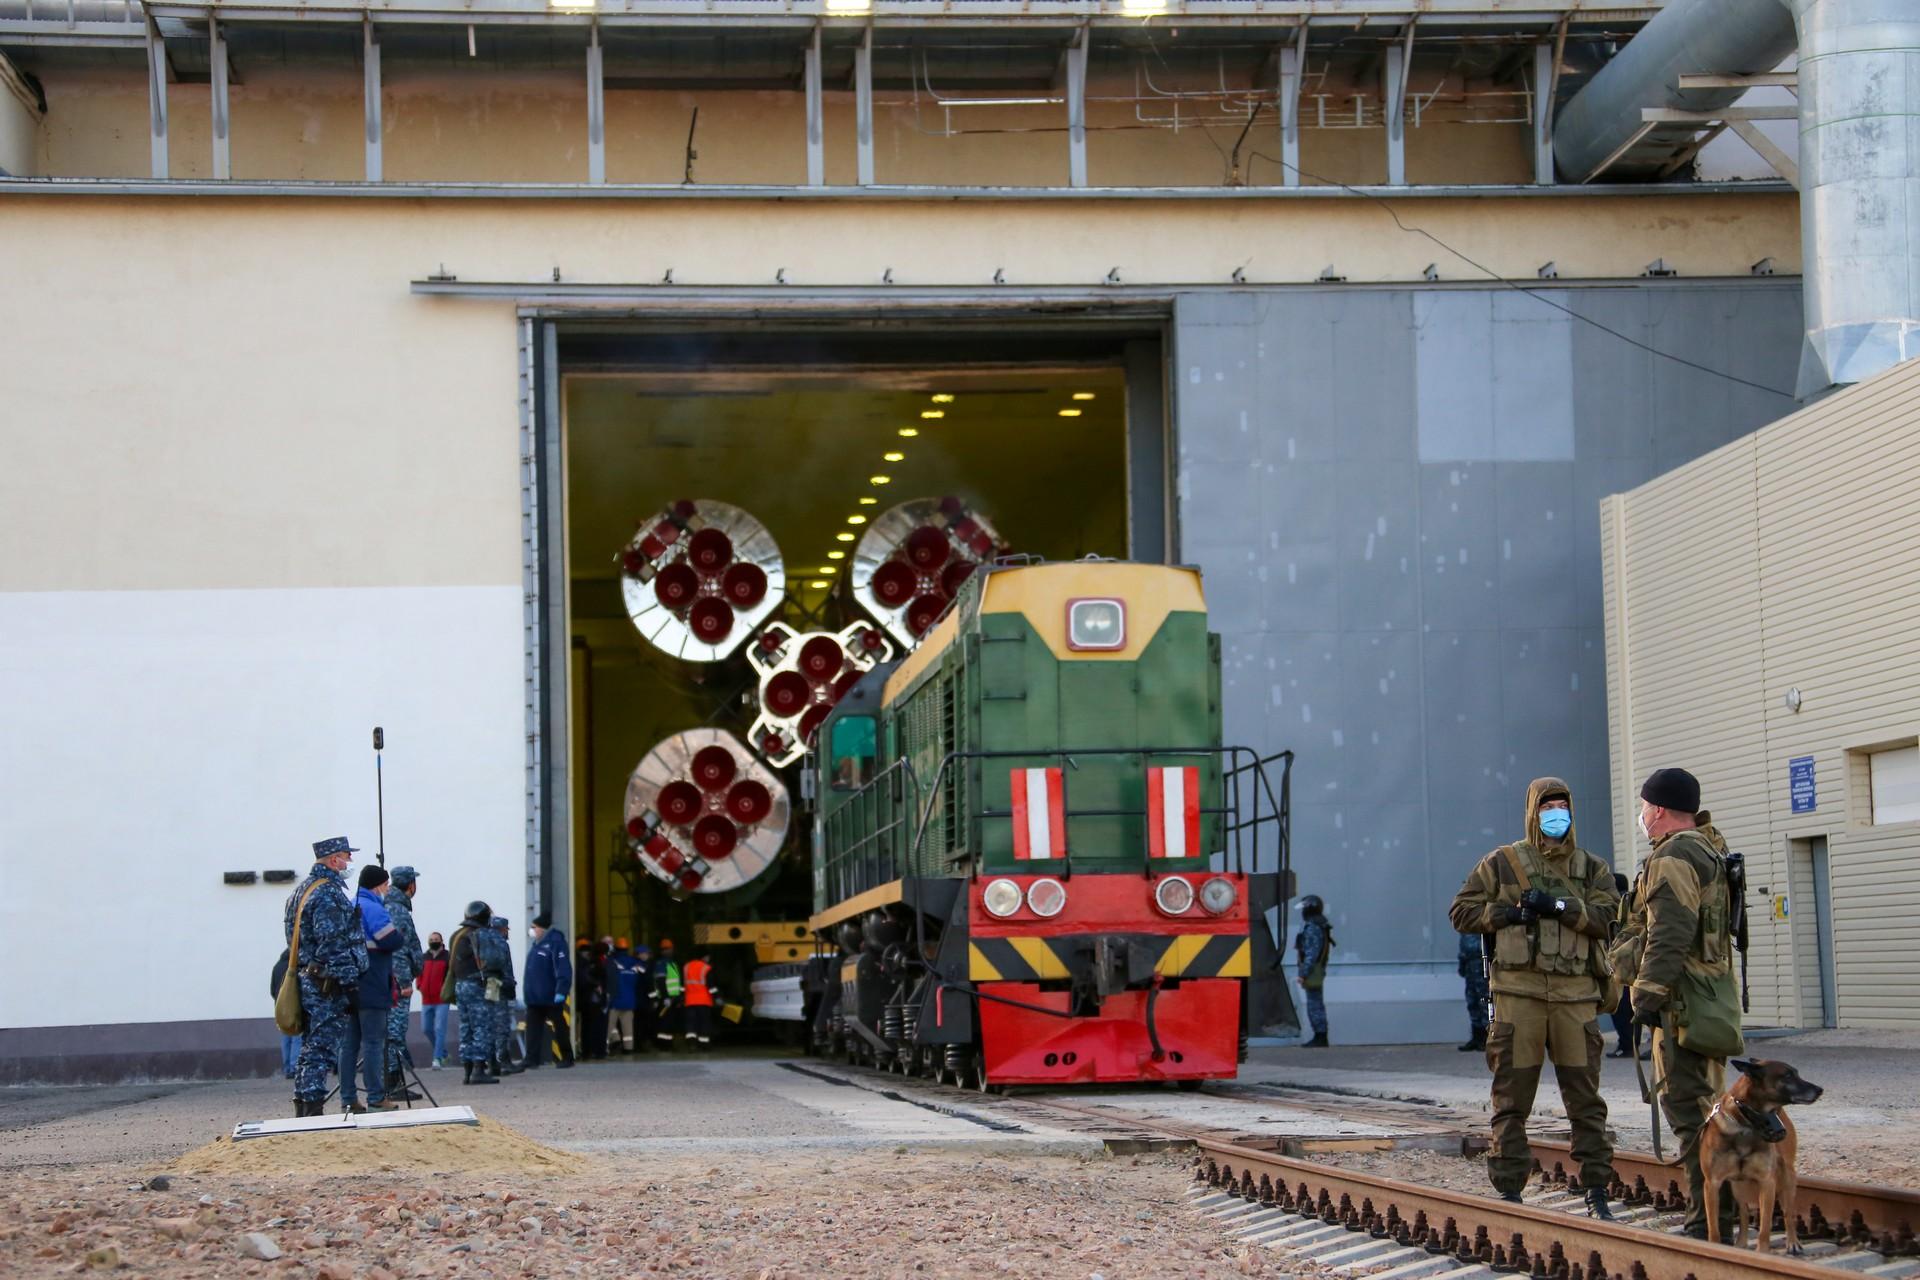 Ракета «Союз-2» с кораблём «Союз МС-17» вывезена на стартовый комплекс, прошли работы по графику первого стартового дня